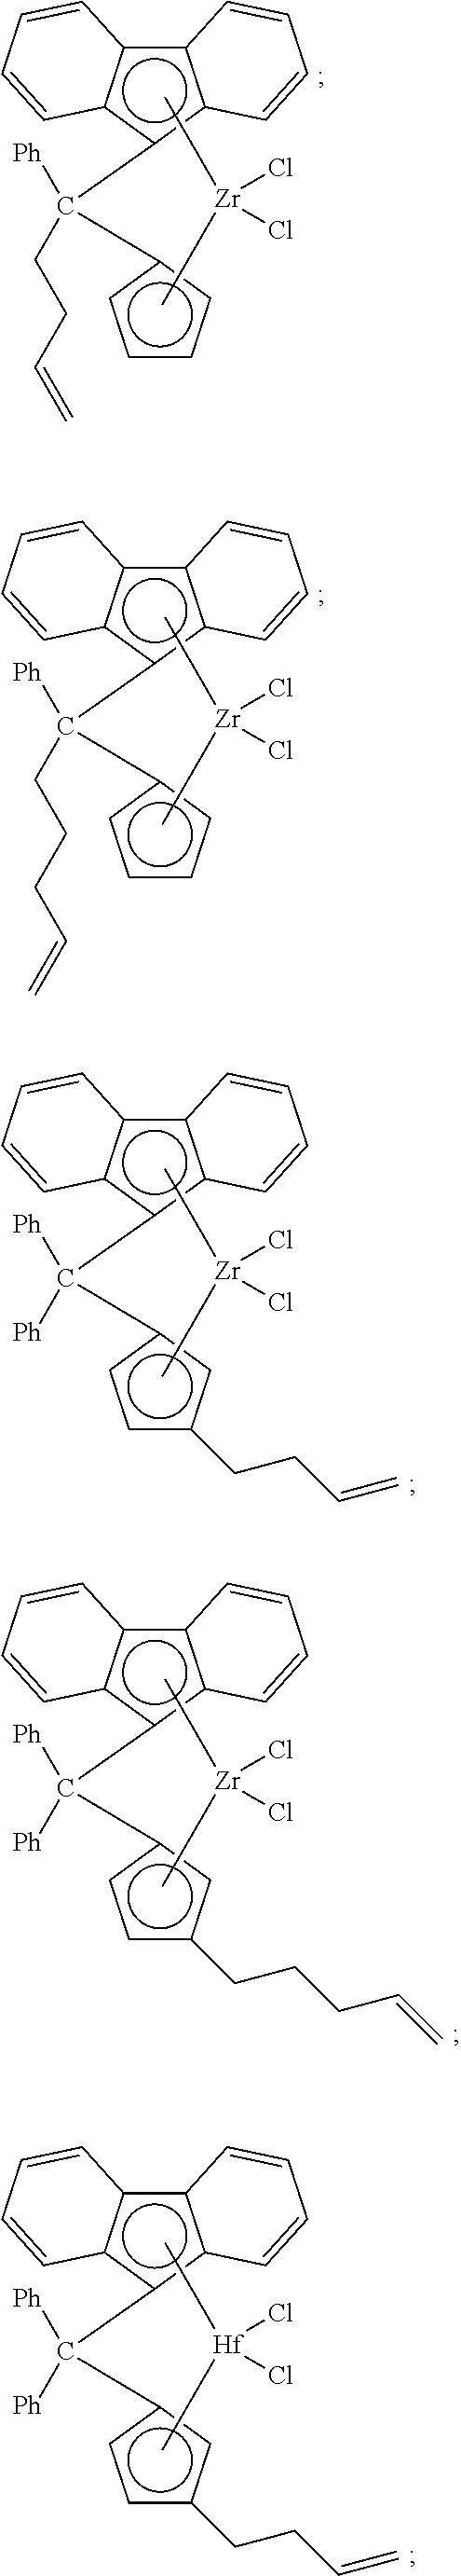 Figure US09273159-20160301-C00016